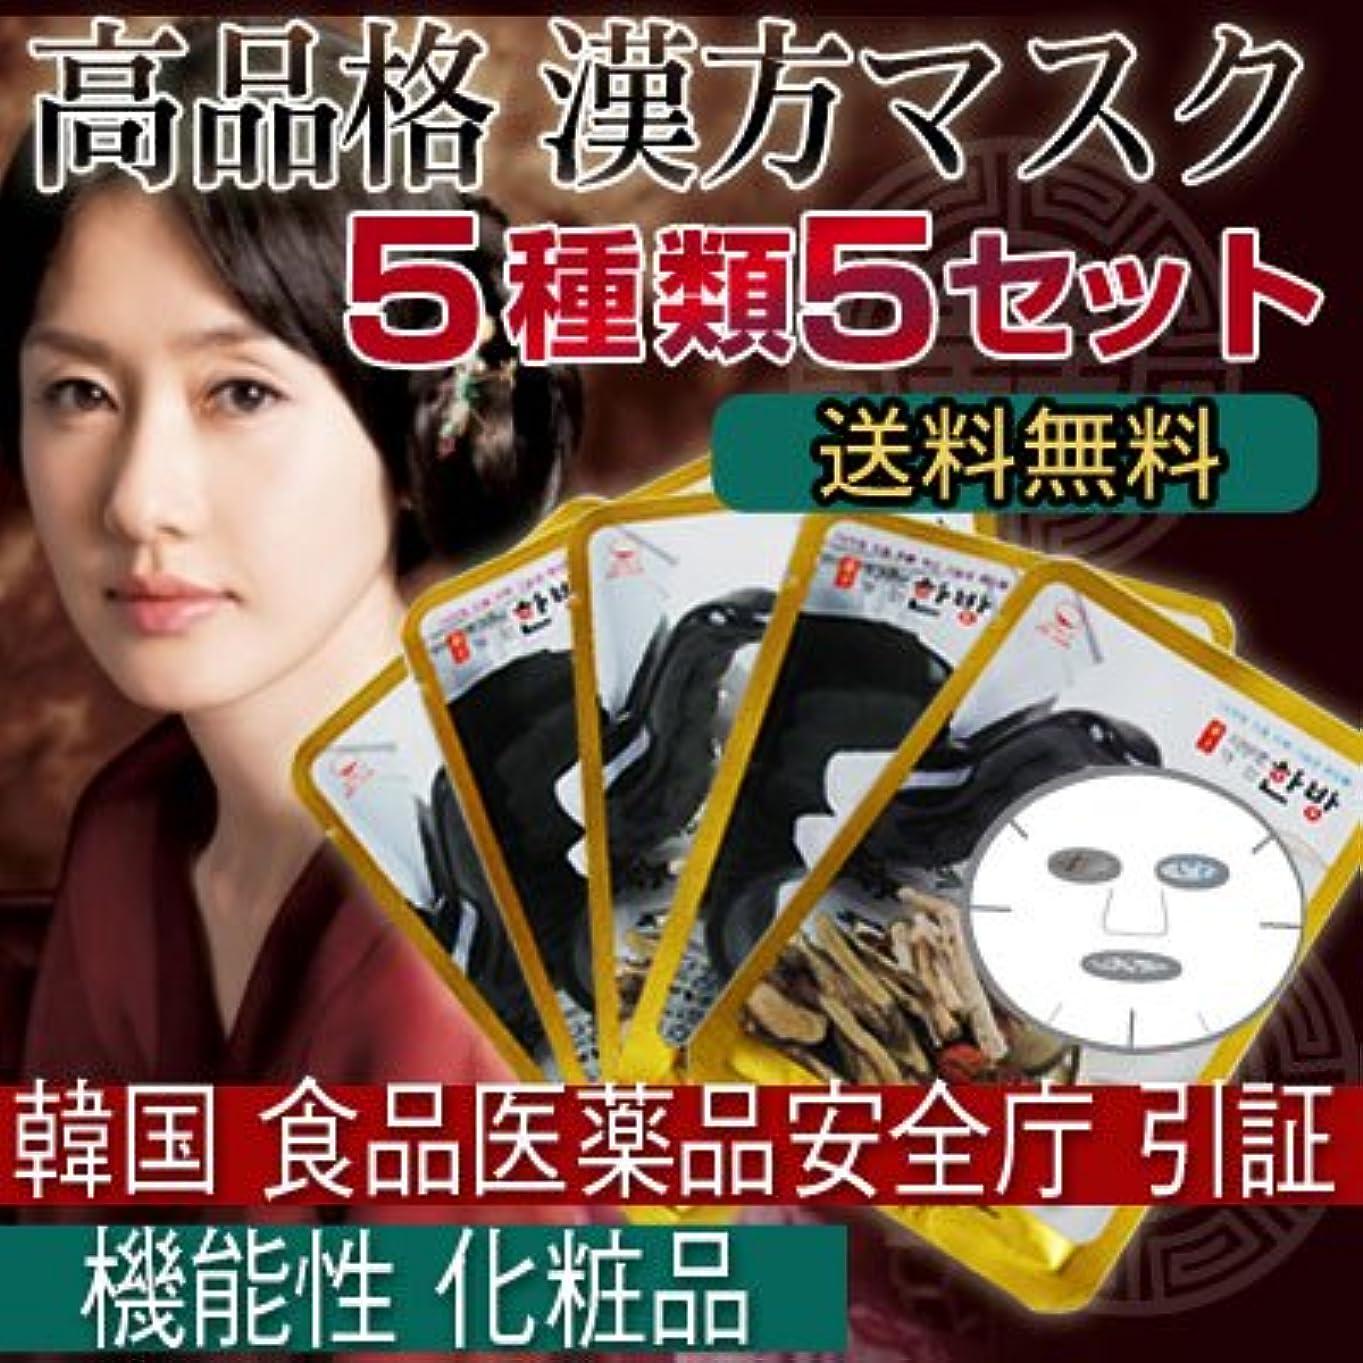 バトル無臭多くの危険がある状況漢方シートマスクパック 5種類5セット